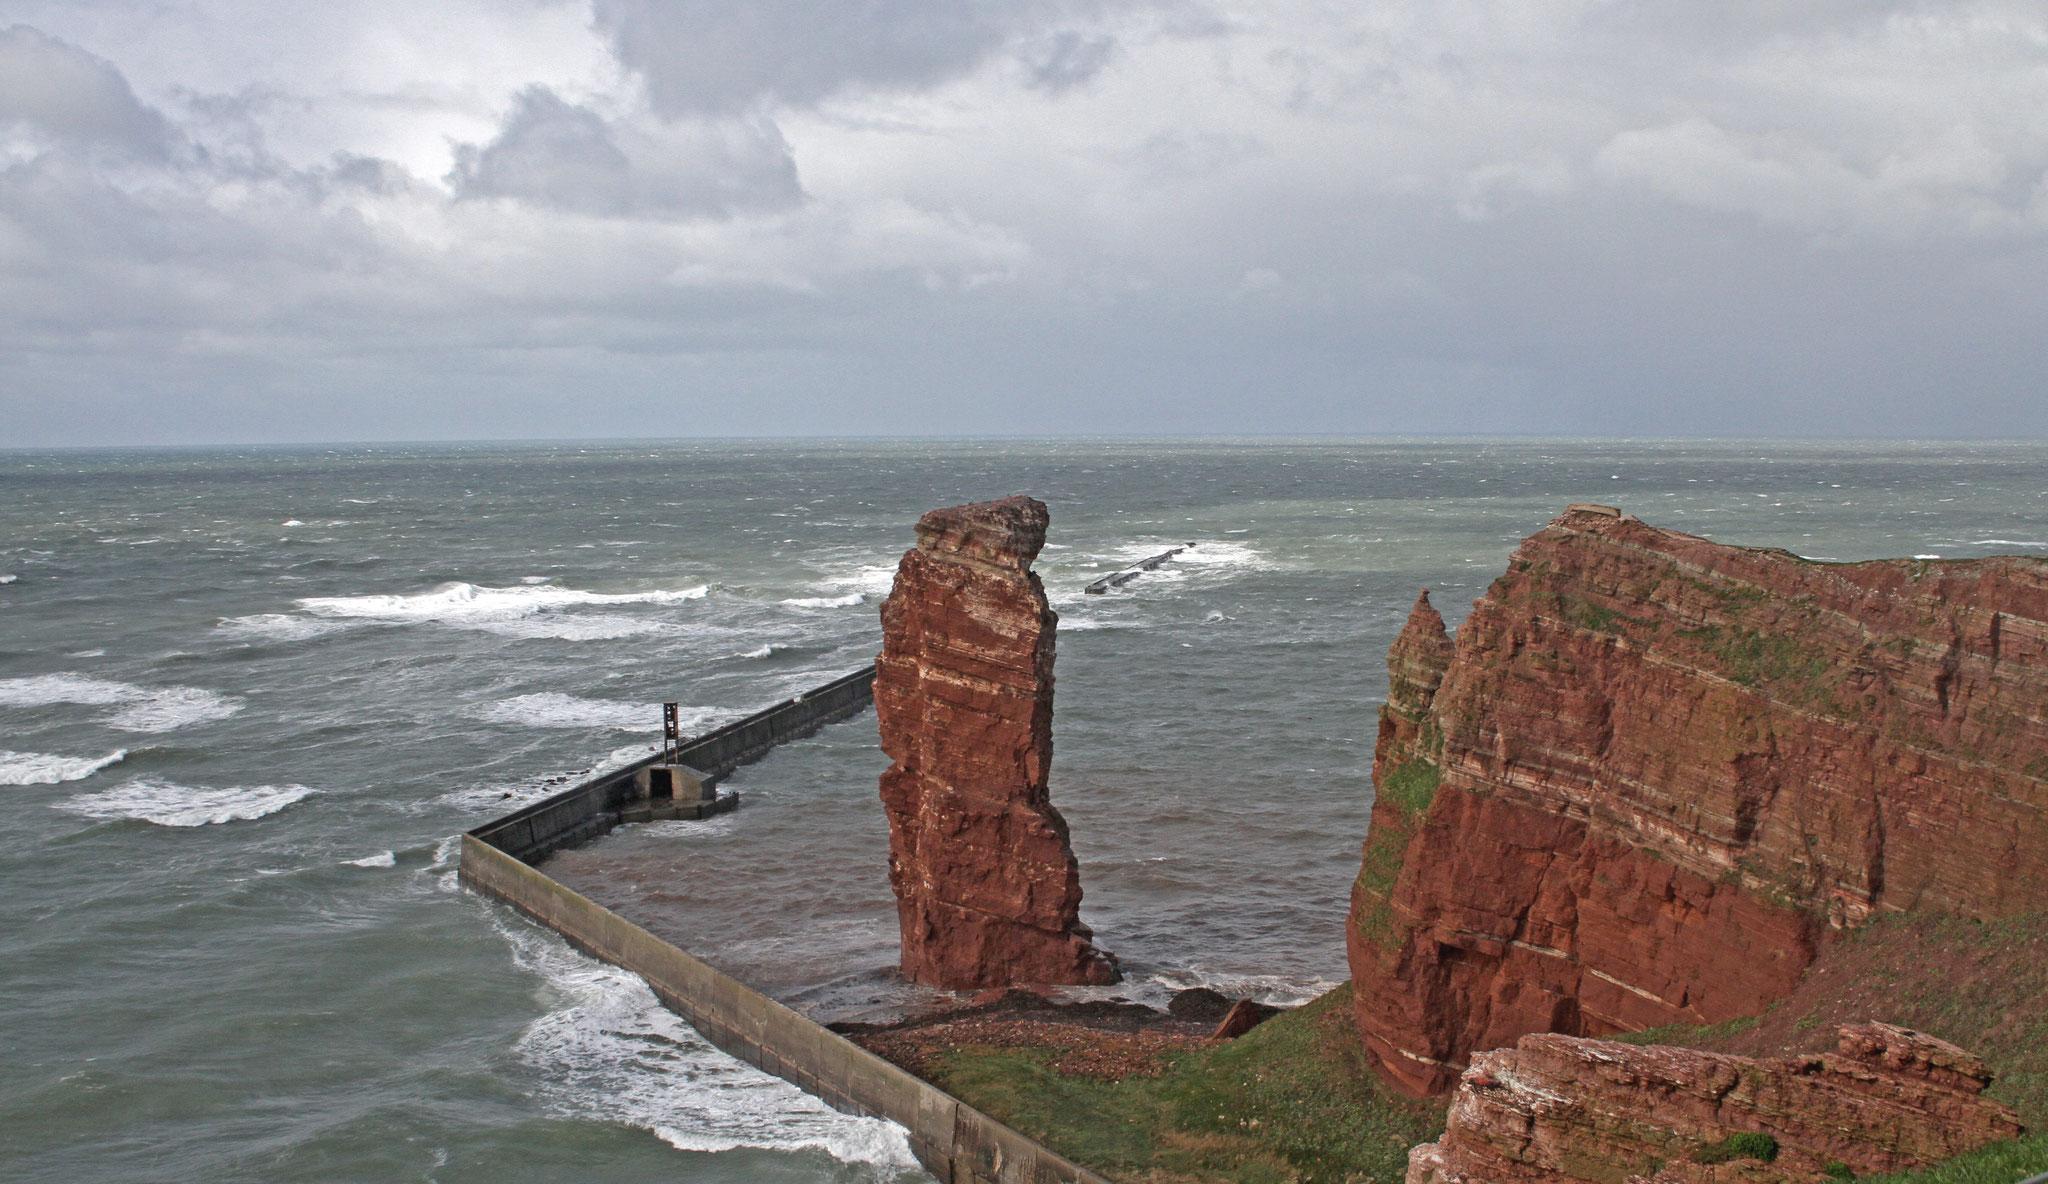 Lange Anna  - sturmumtost. Die diesjährige Helgolandreise war geprägt von stürmischem Wetter